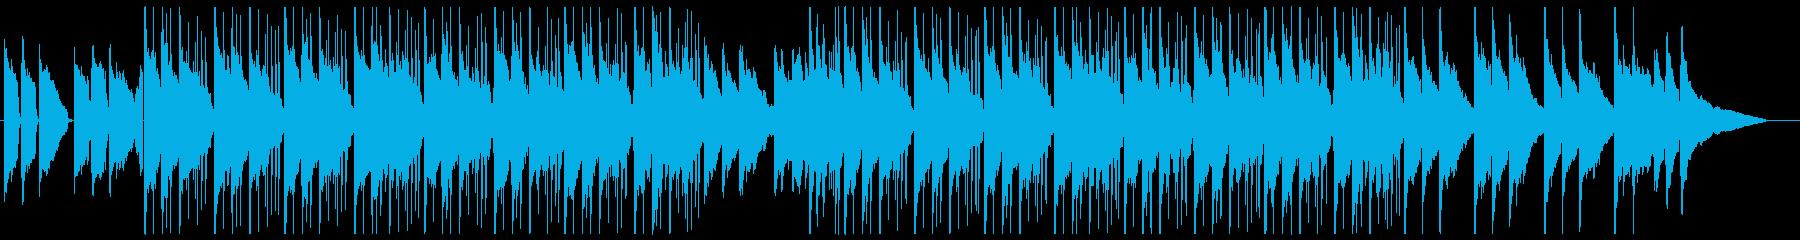 クールさが漂うジャズ系アンビエントの再生済みの波形